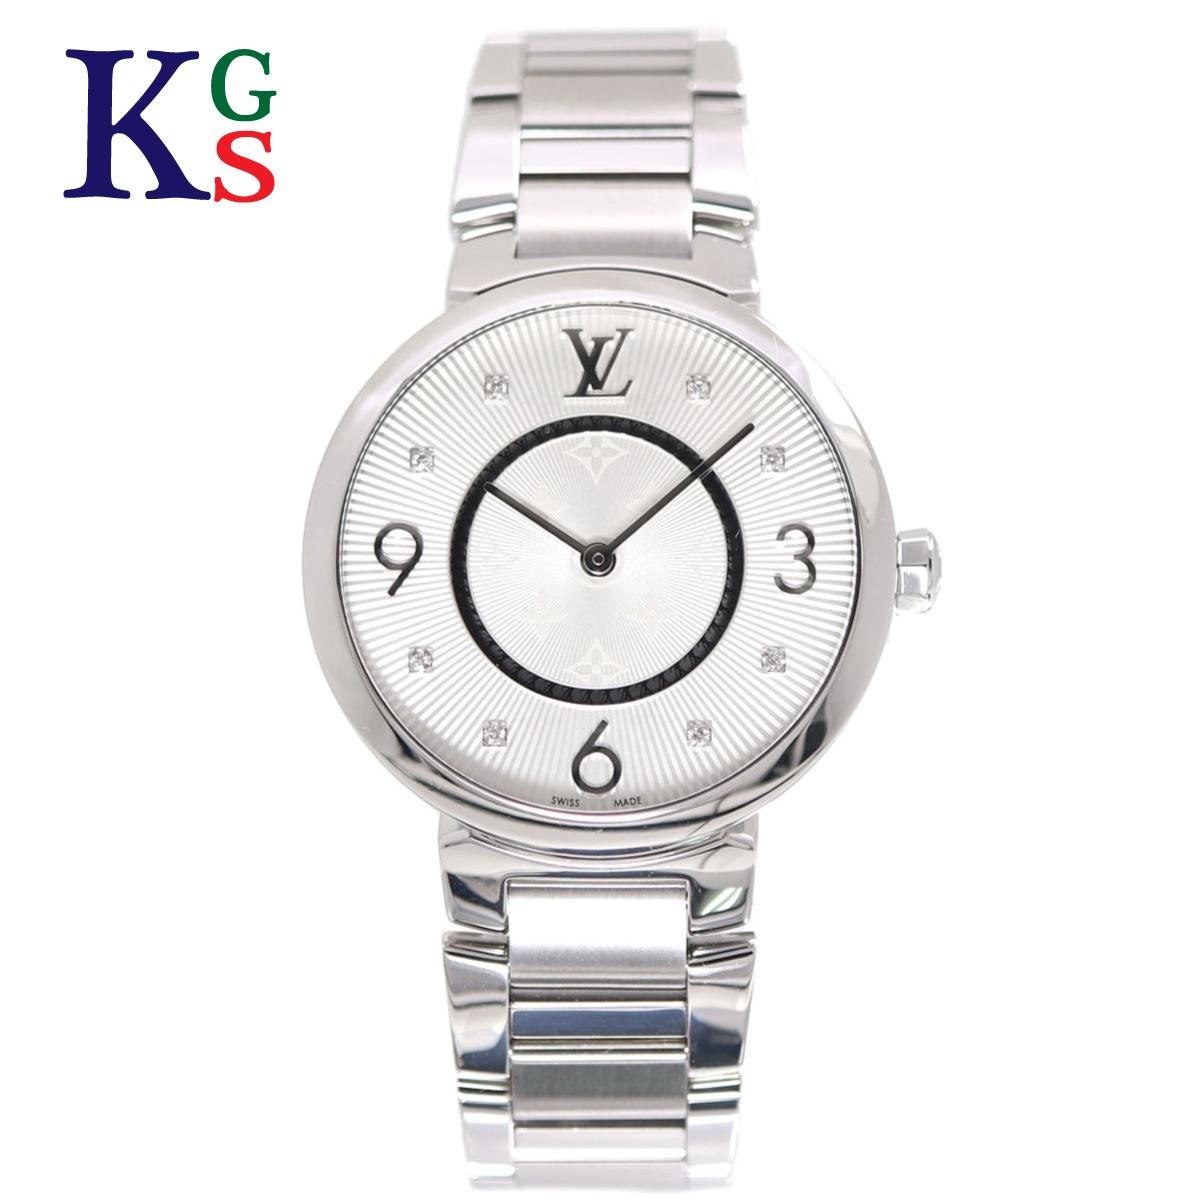 【ギフト品質】ルイヴィトン/Louis Vuitton / 腕時計 レディースウォッチ / タンブール スリム SS×8Pダイヤ ステンレスブレス クオーツ 電池式 Q13MJ